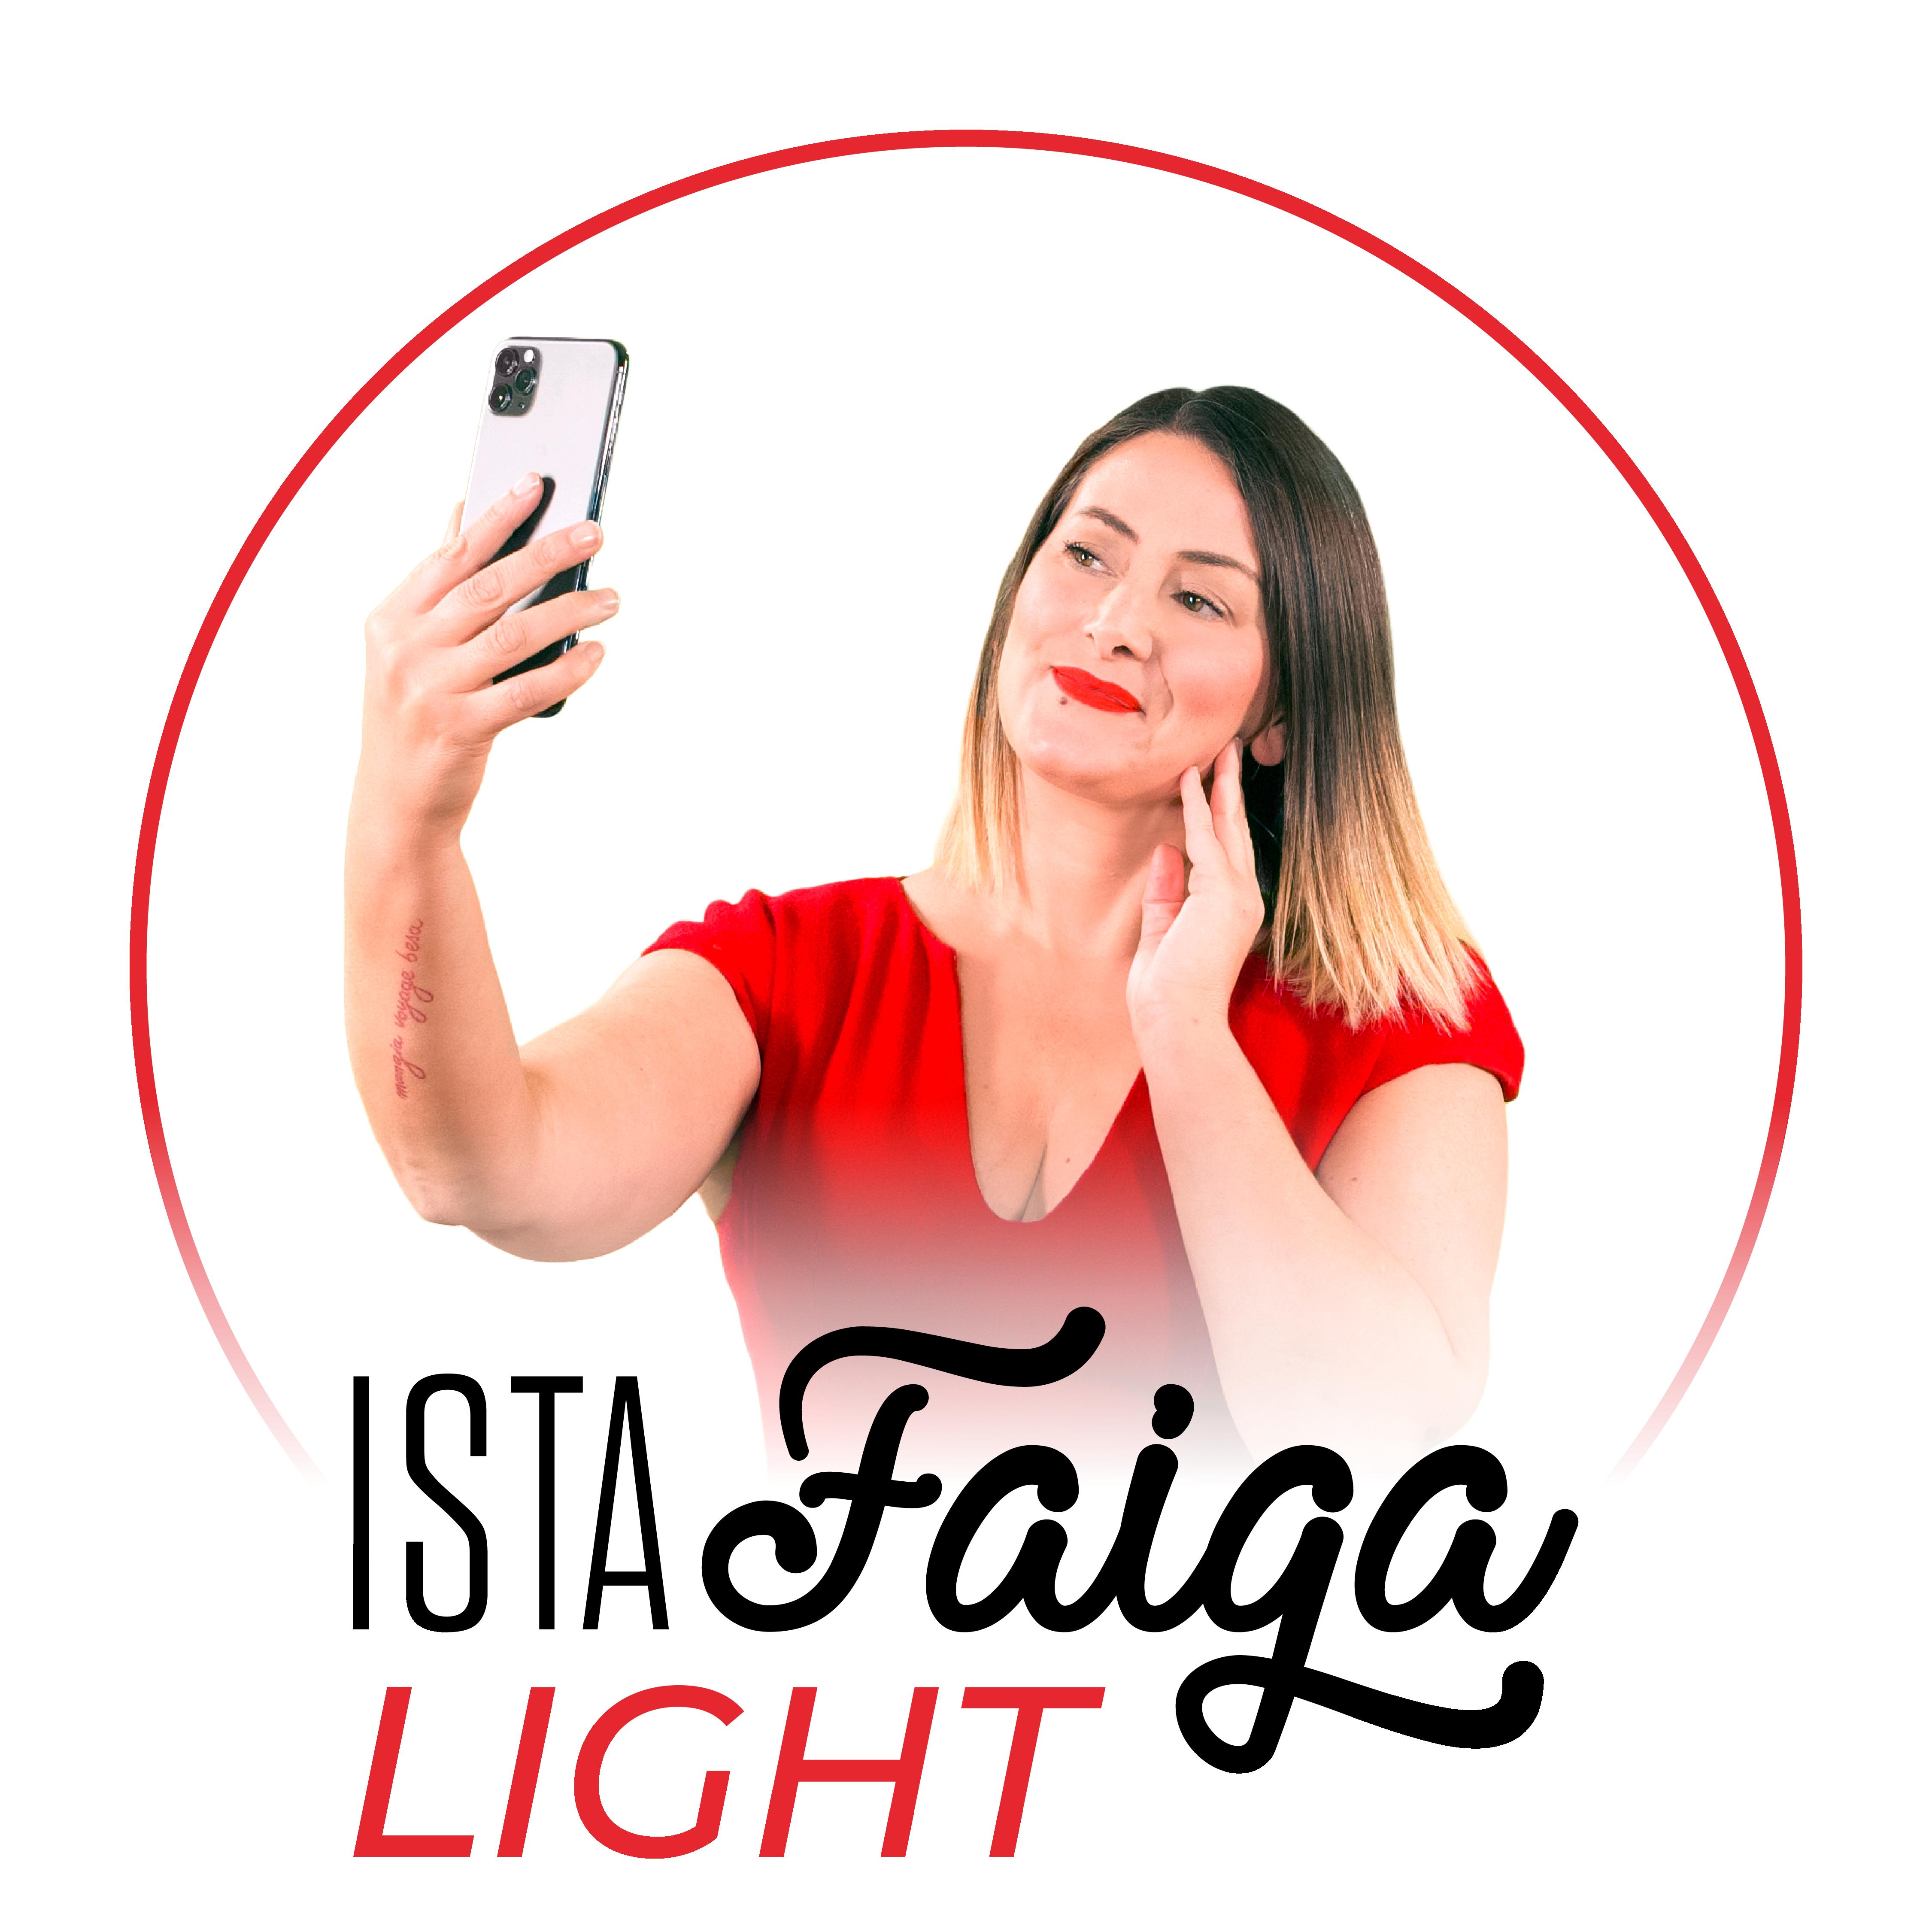 Istafaiga LIGHT